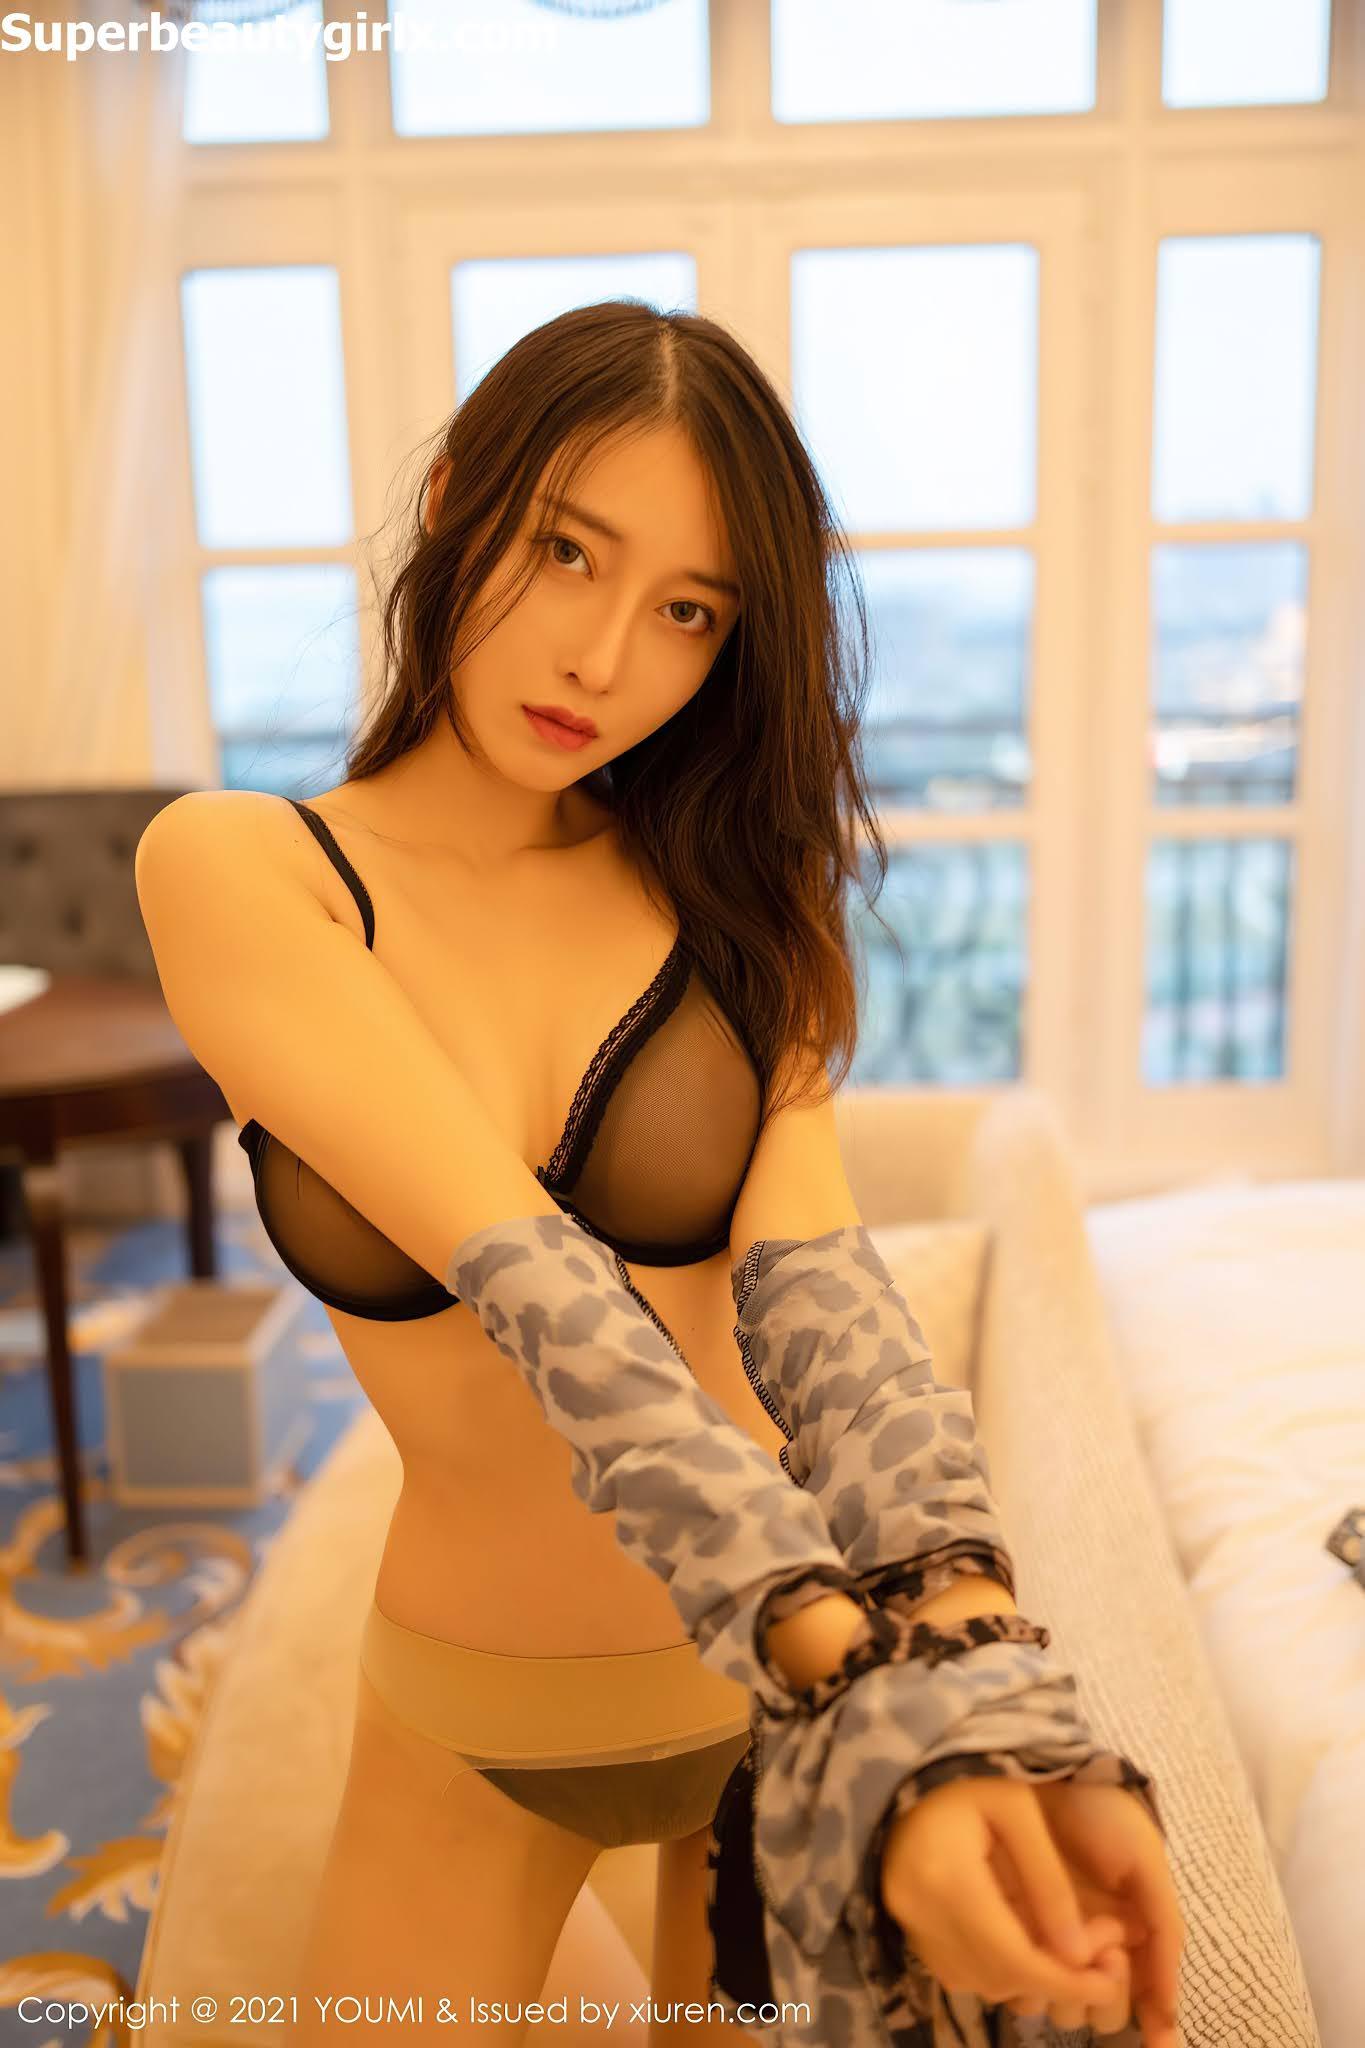 YouMi-Vol.610-er-Superbeautygirlx.comYouMi-Vol.610-er-Superbeautygirlx.com